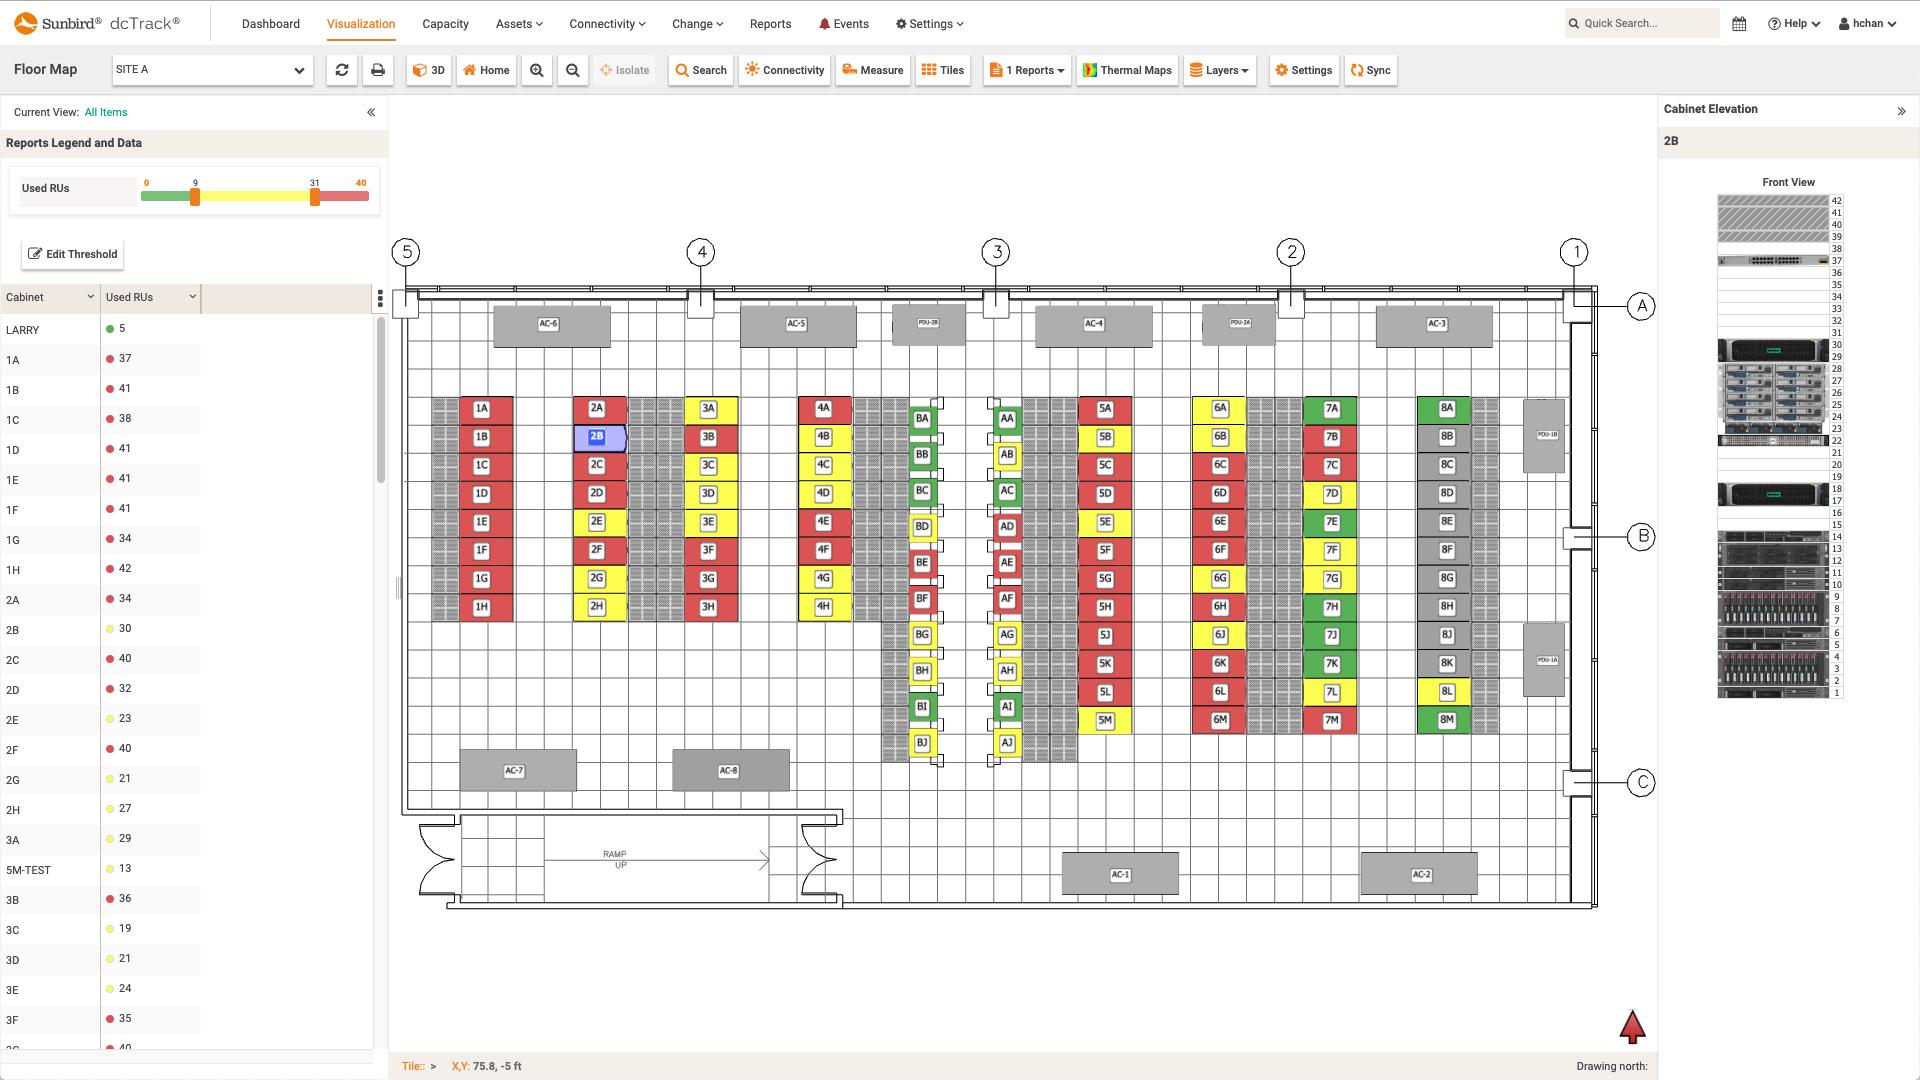 Screenshot of Used RUs per Cabinet Floor Map Report